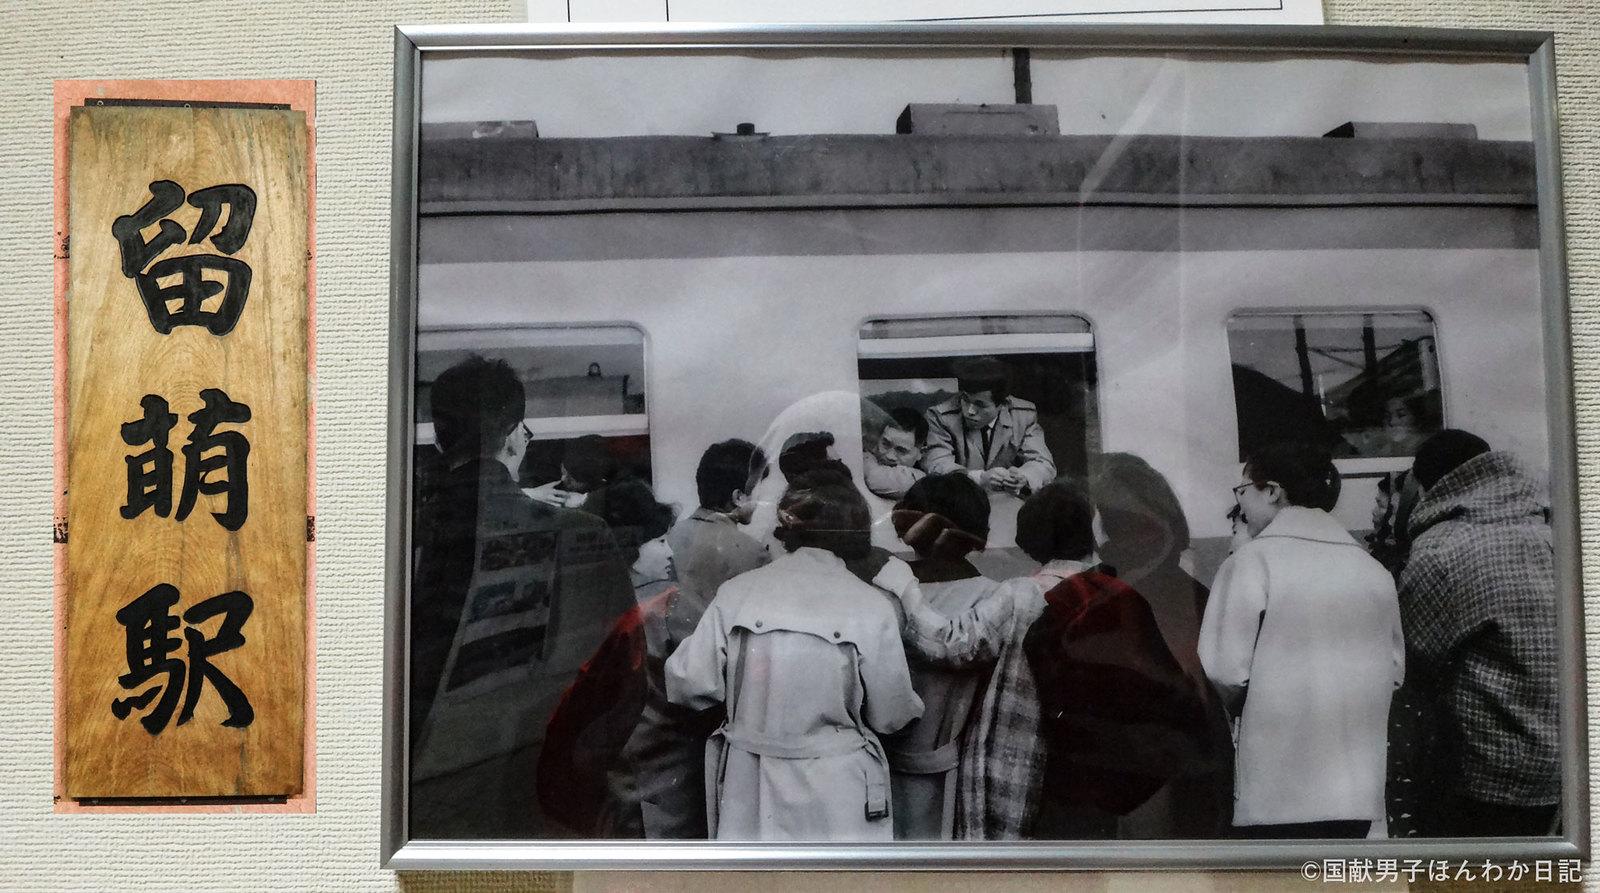 「1964年頃の市外への交通は殆どが鉄道」との留萌駅展示写真と駅名板をPC組合せ